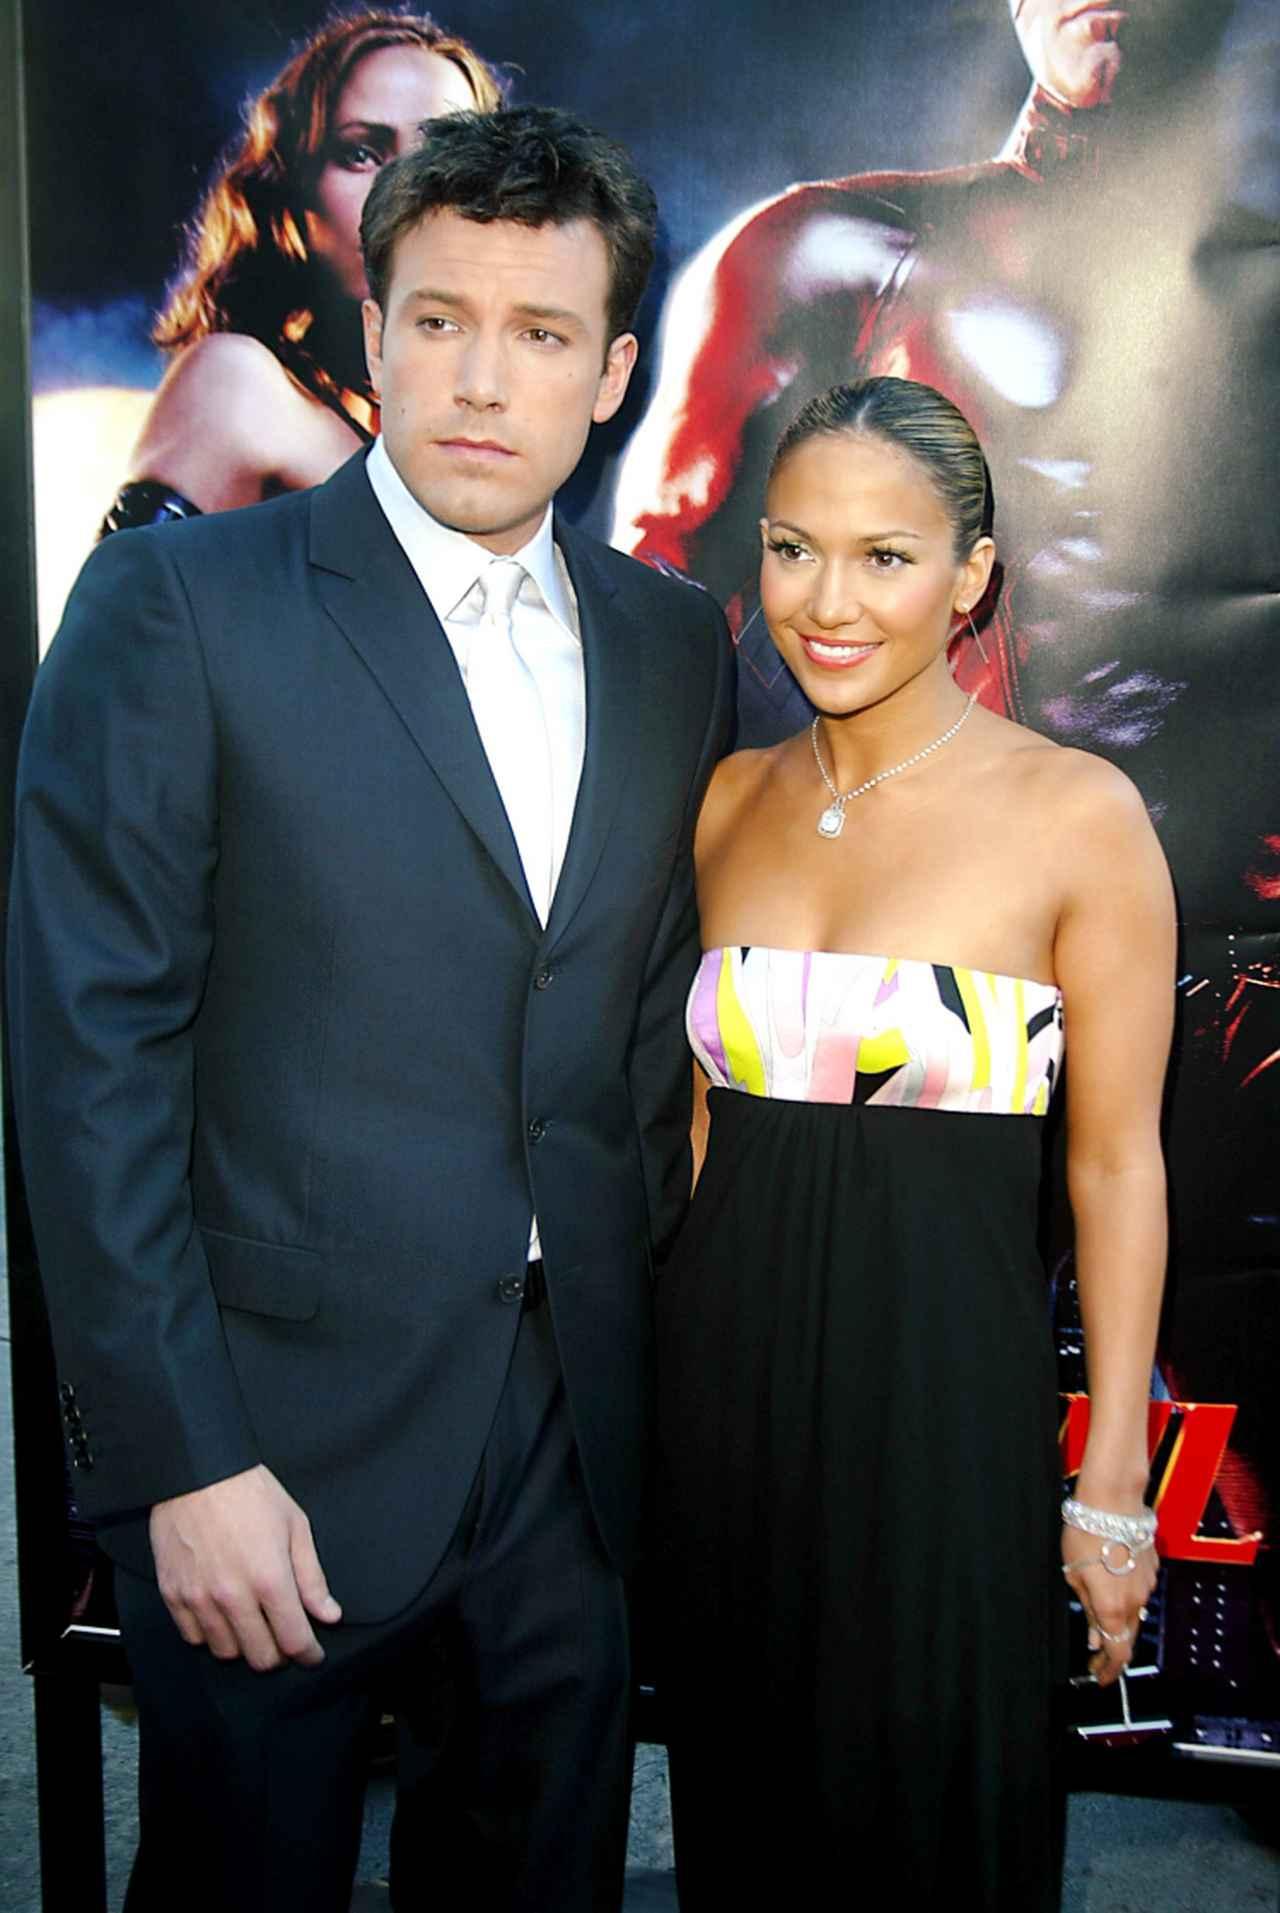 画像: 2003年、ベンの主演映画『デアデビル』のプレミアに同伴したジェニファー。